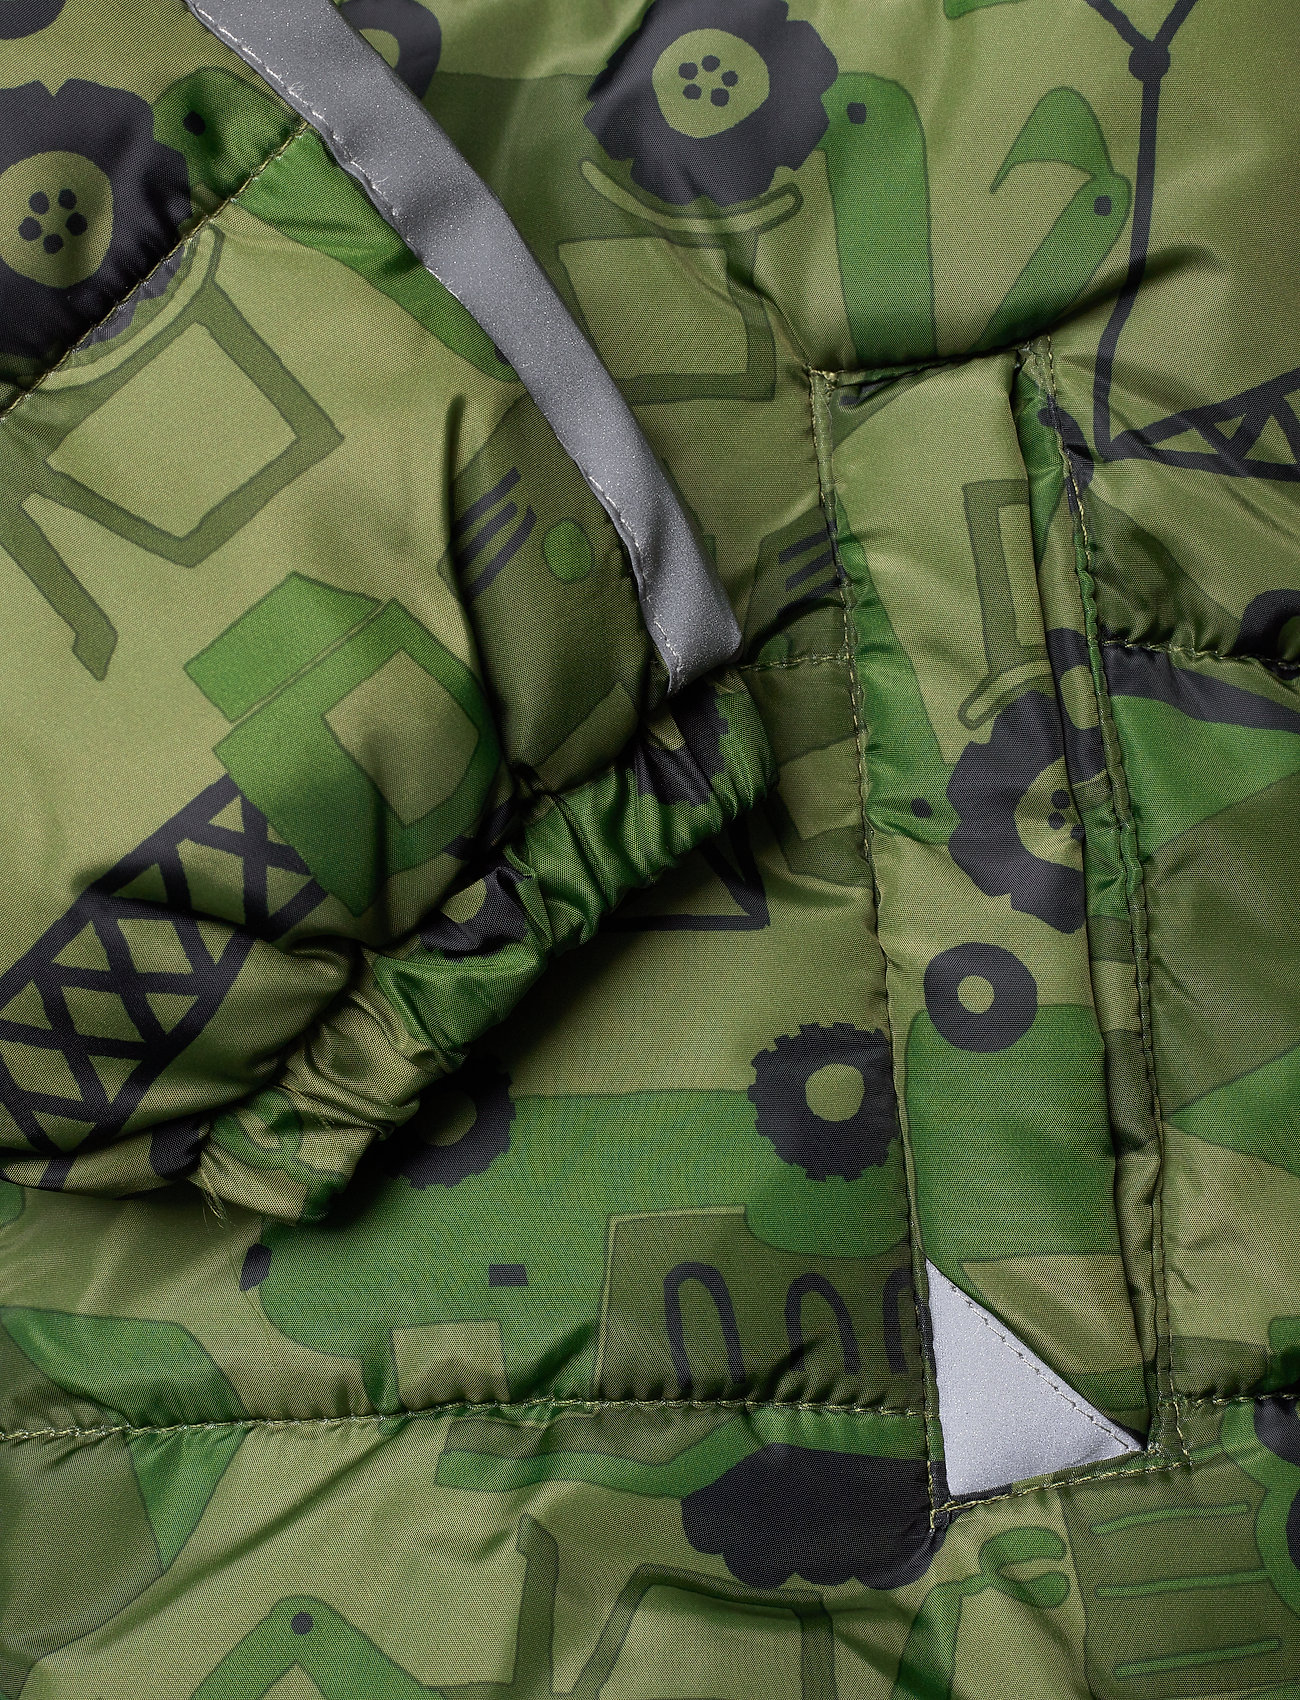 Lindex Green Puffer Jacket With Excavators - Jackor Dark